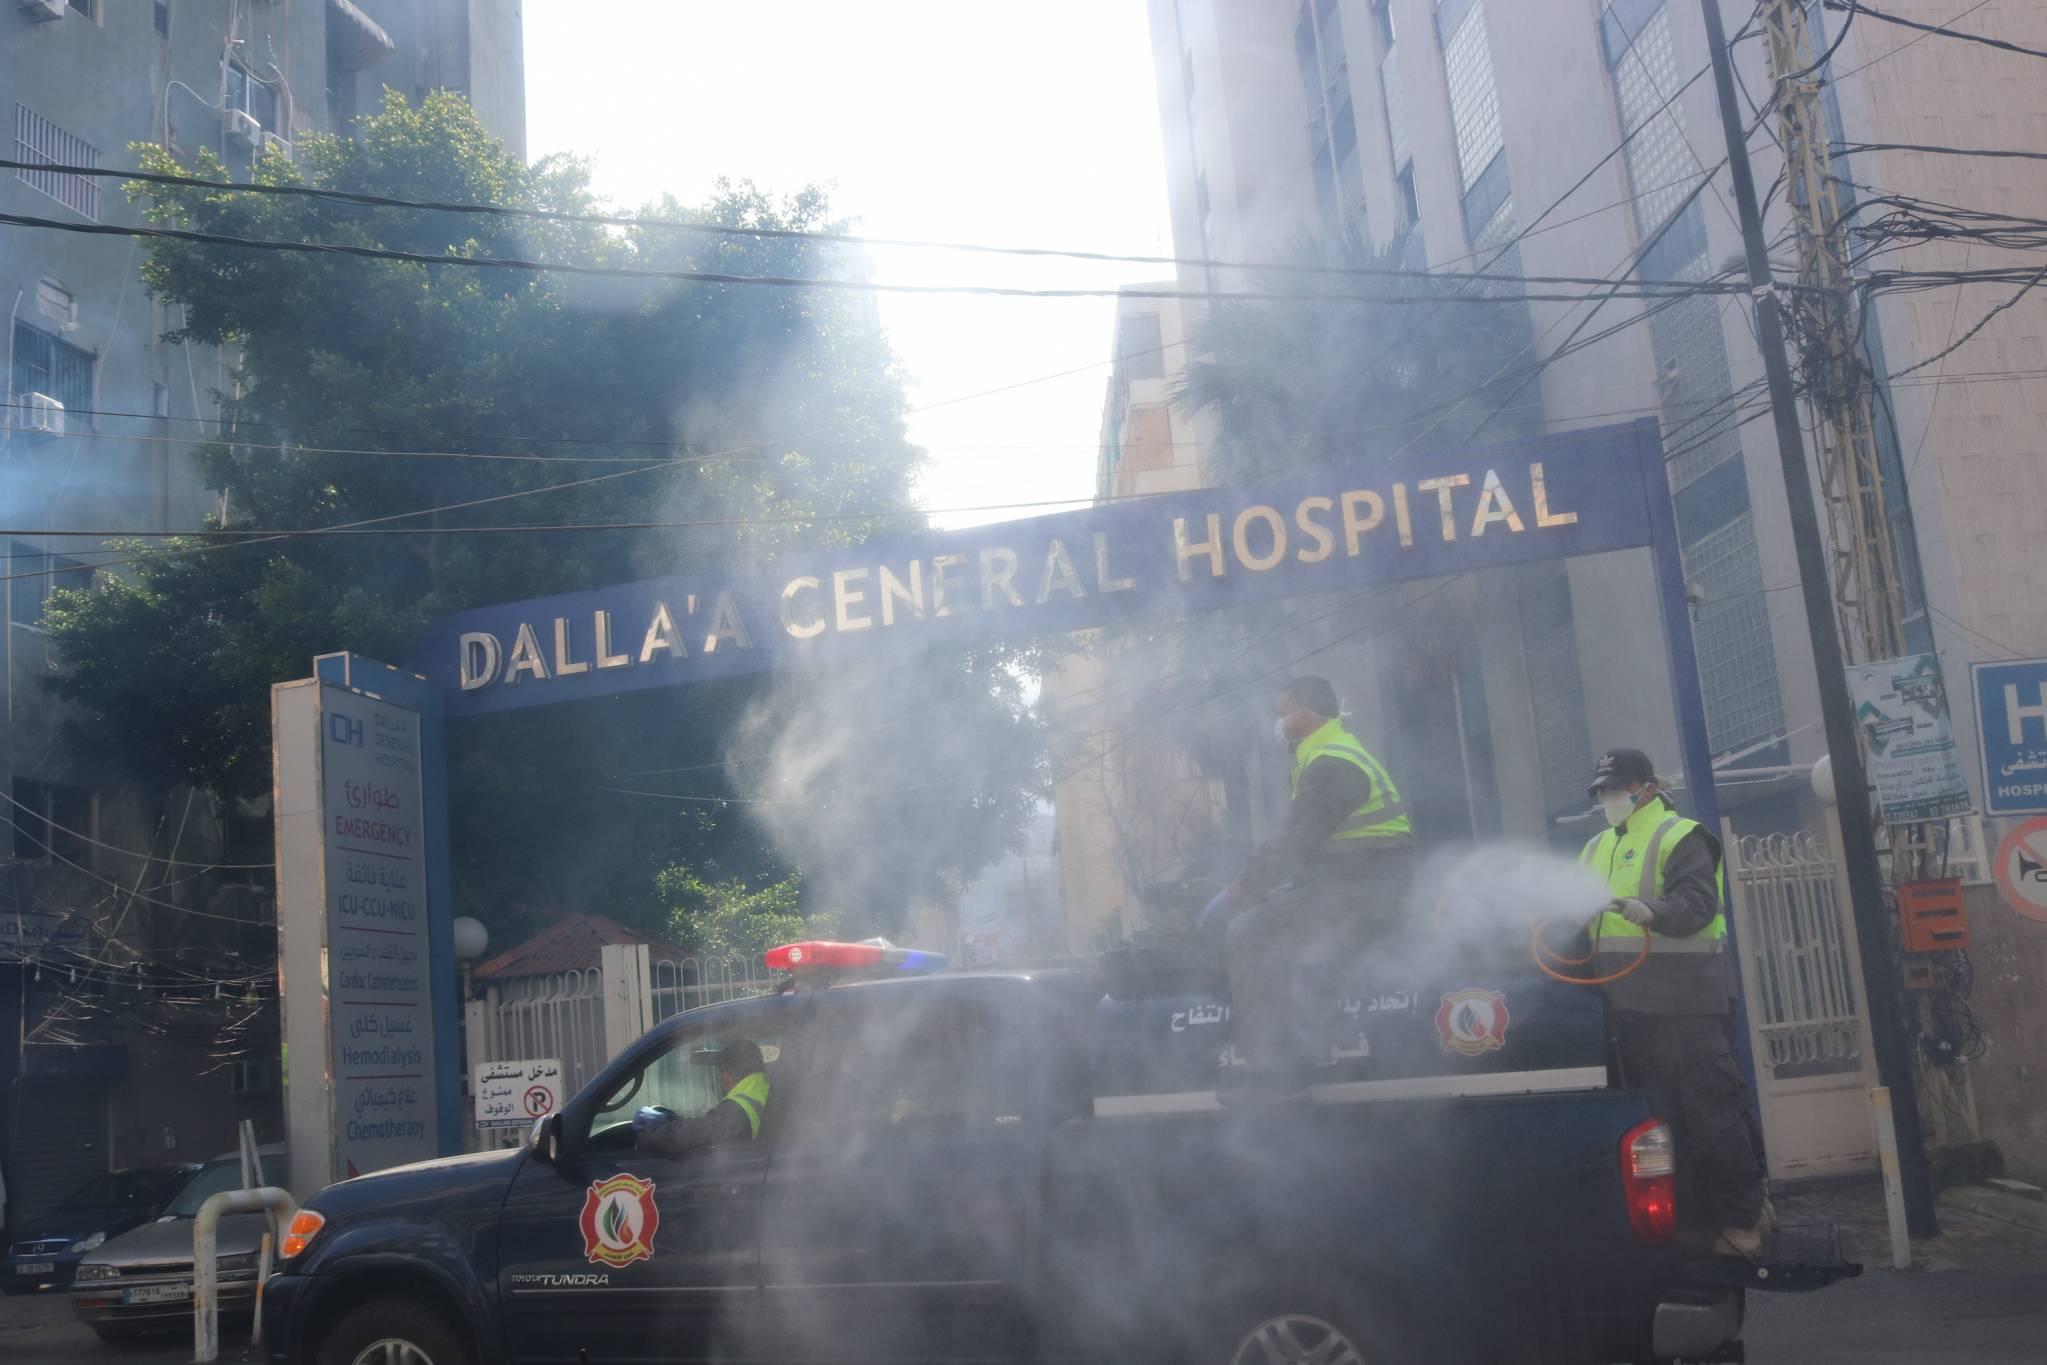 Mobilisés, les hôpitaux privés alertent déjà sur le manque de matériel